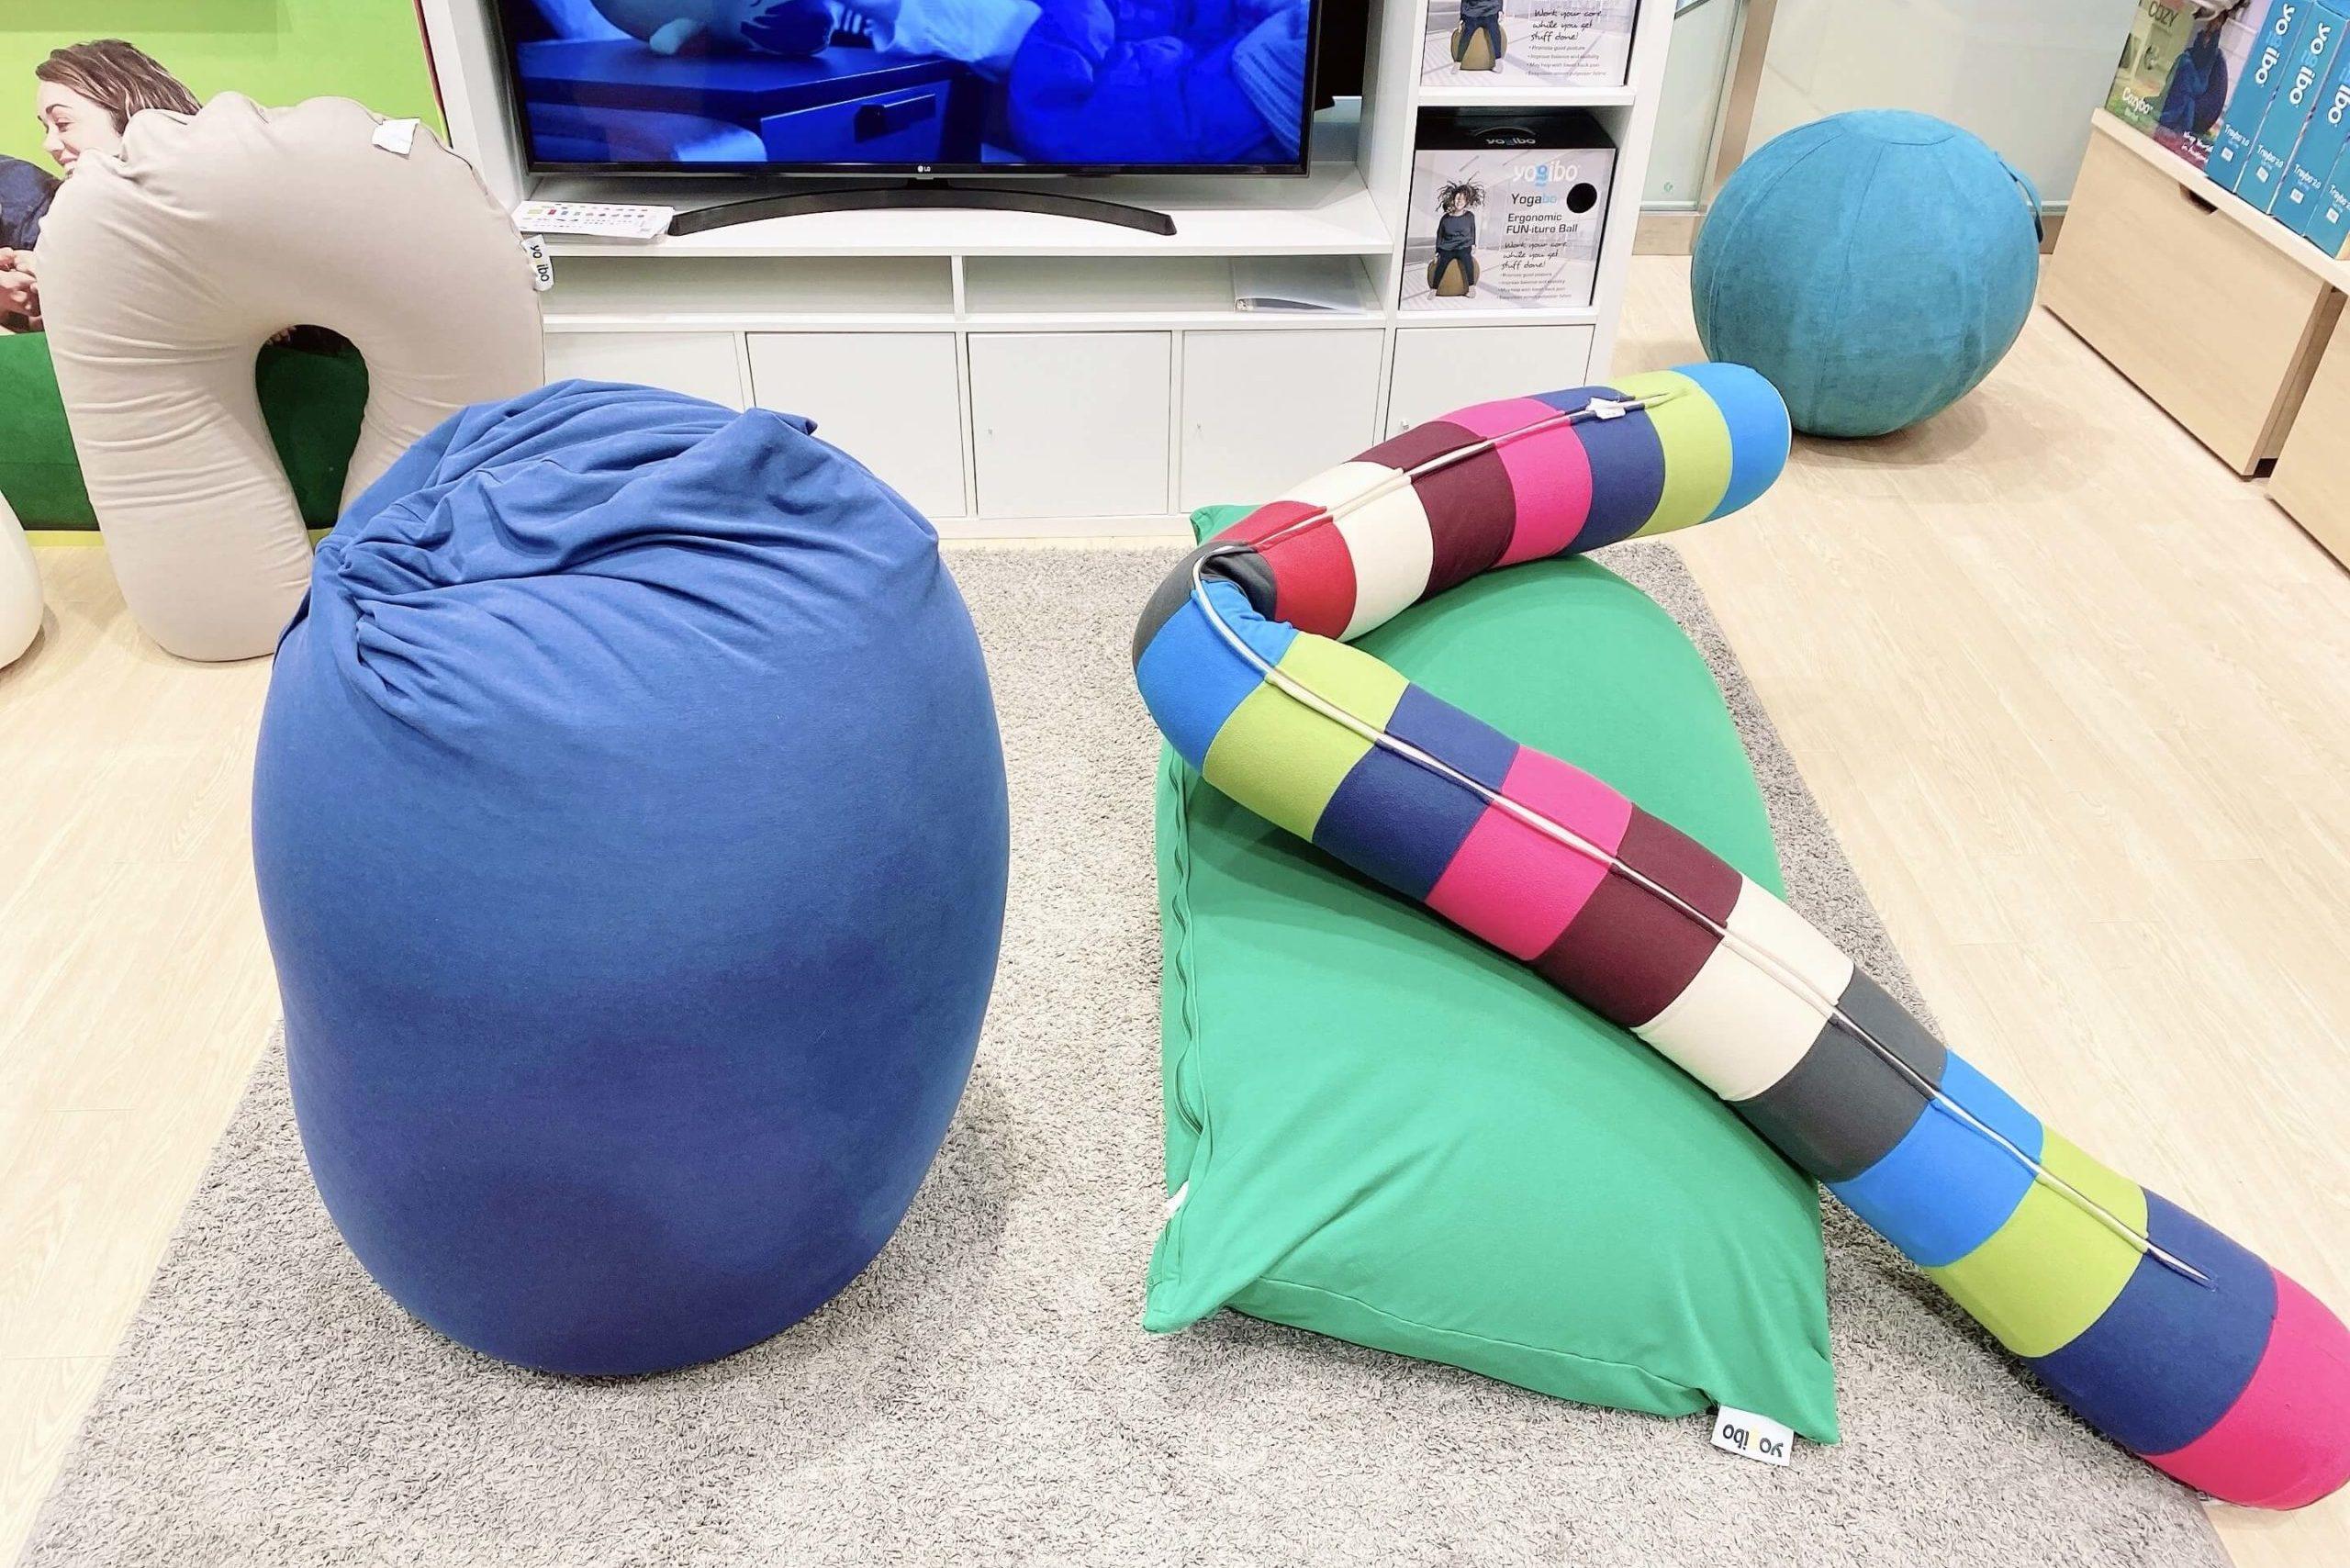 ヨギボー店舗のソファとリラックスオプション